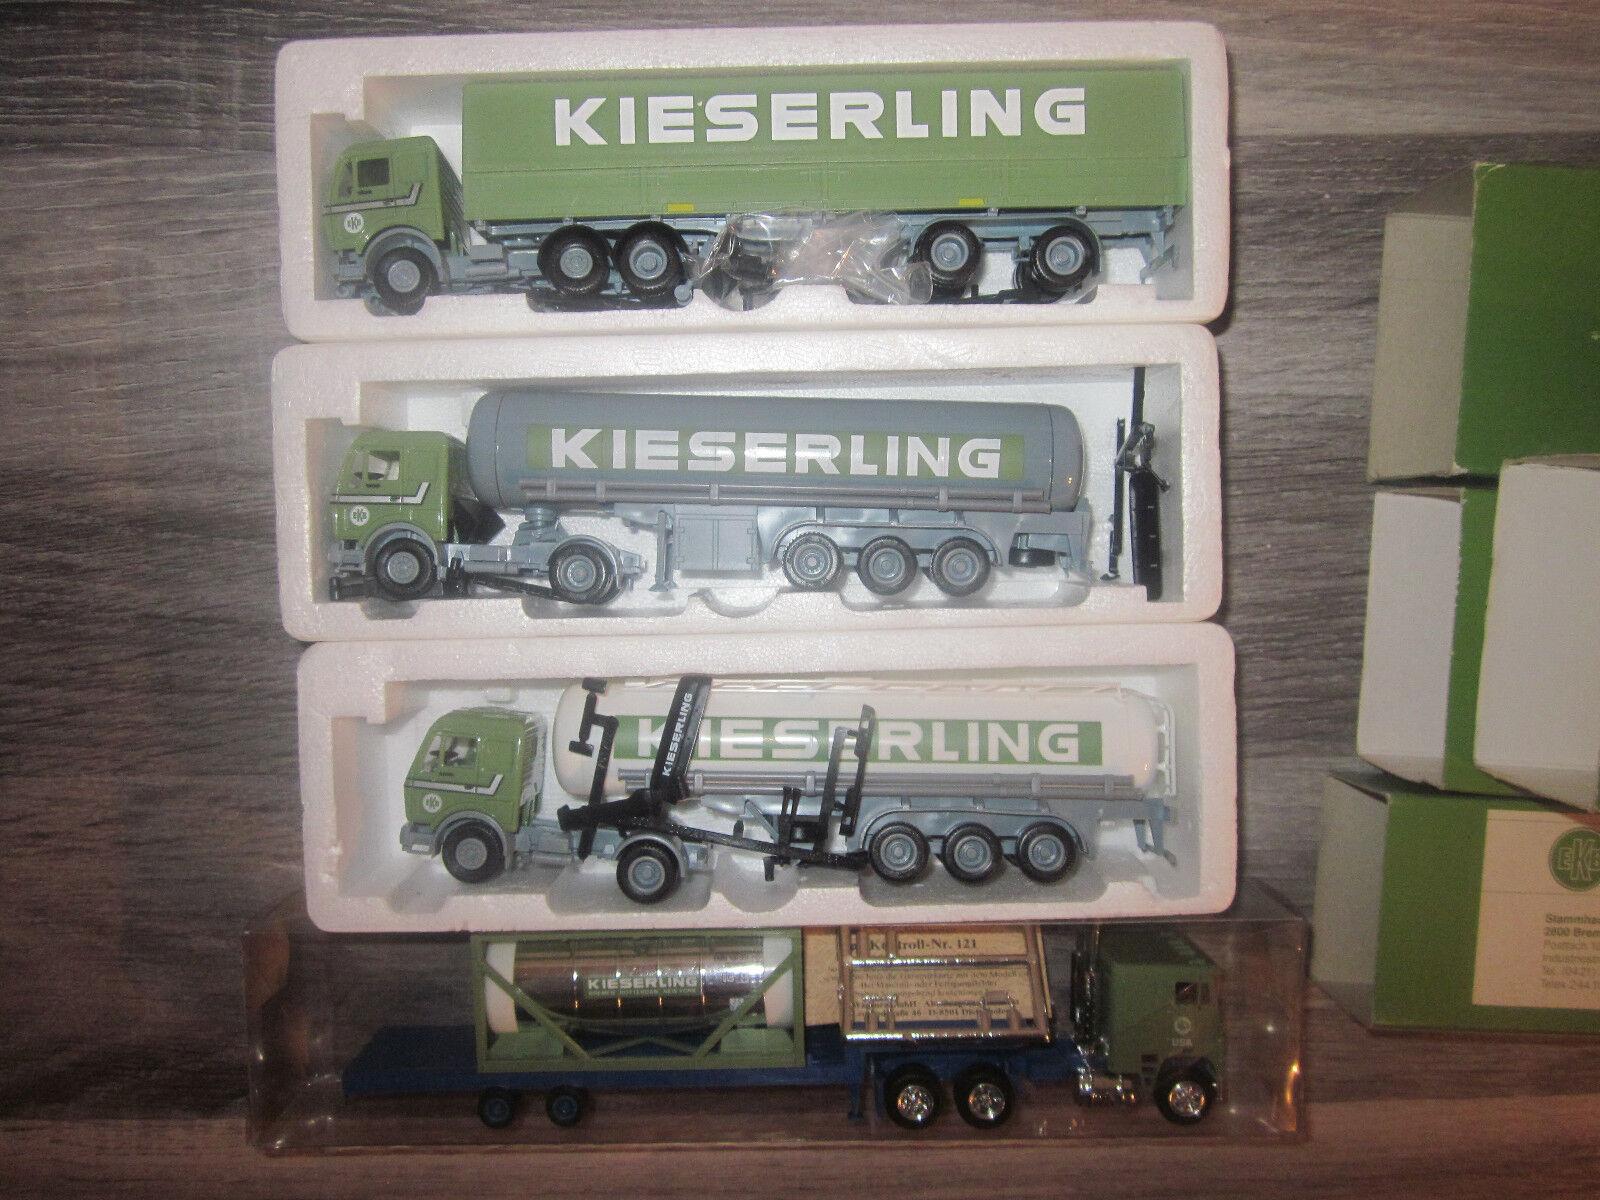 4 x diferentes vehículos de kieserling transportista nuevo + embalaje original